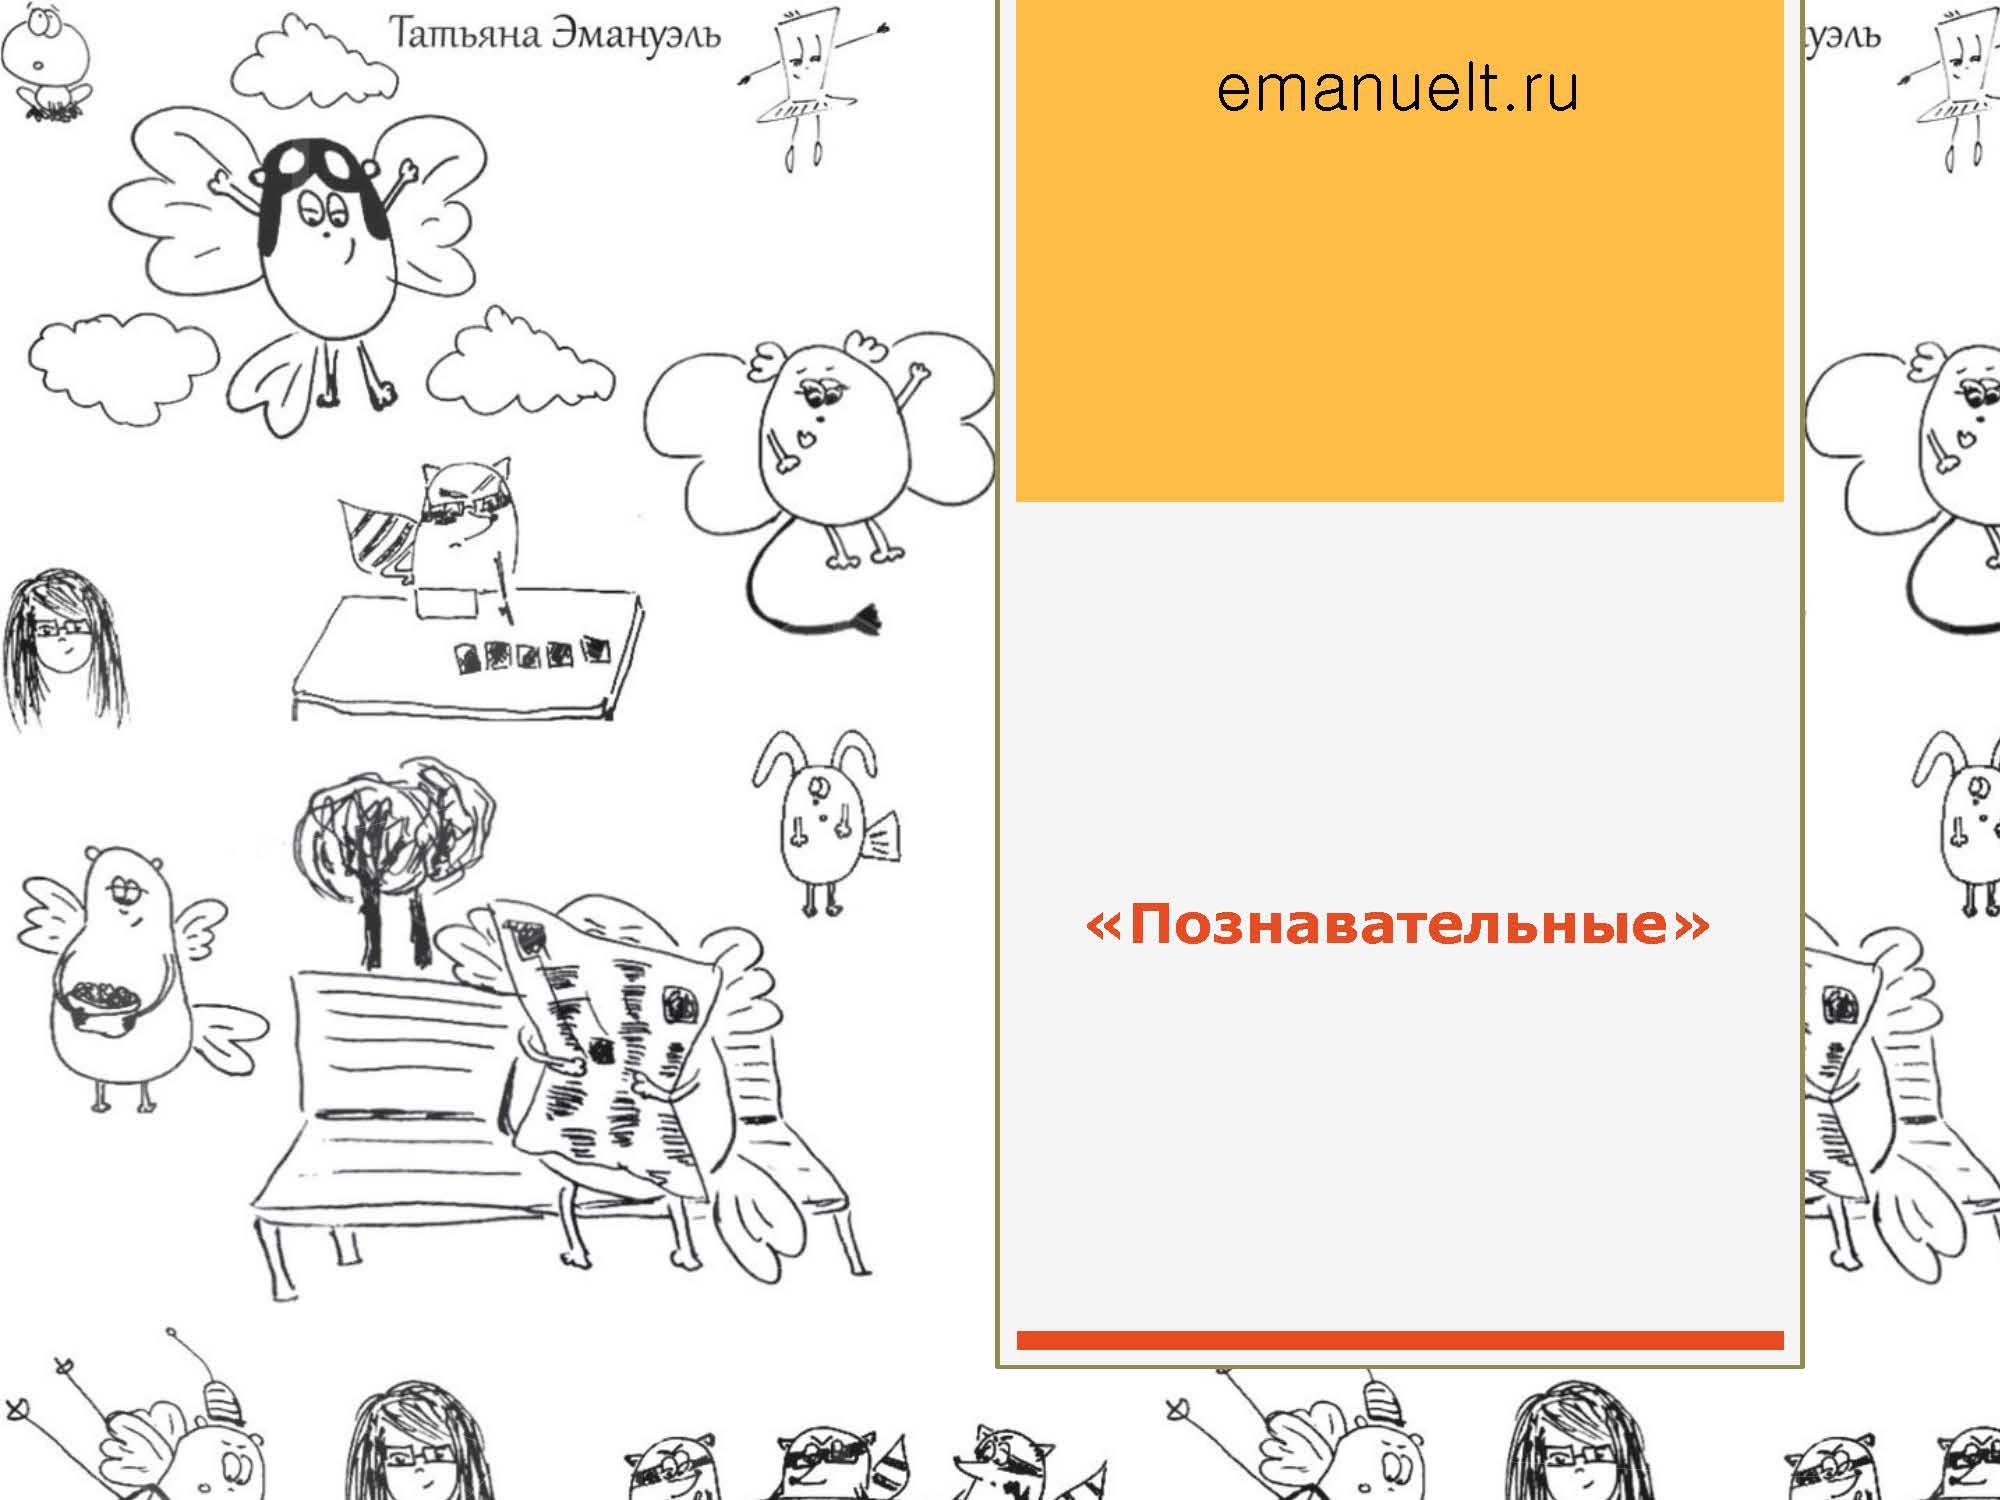 ссылки_Страница_07